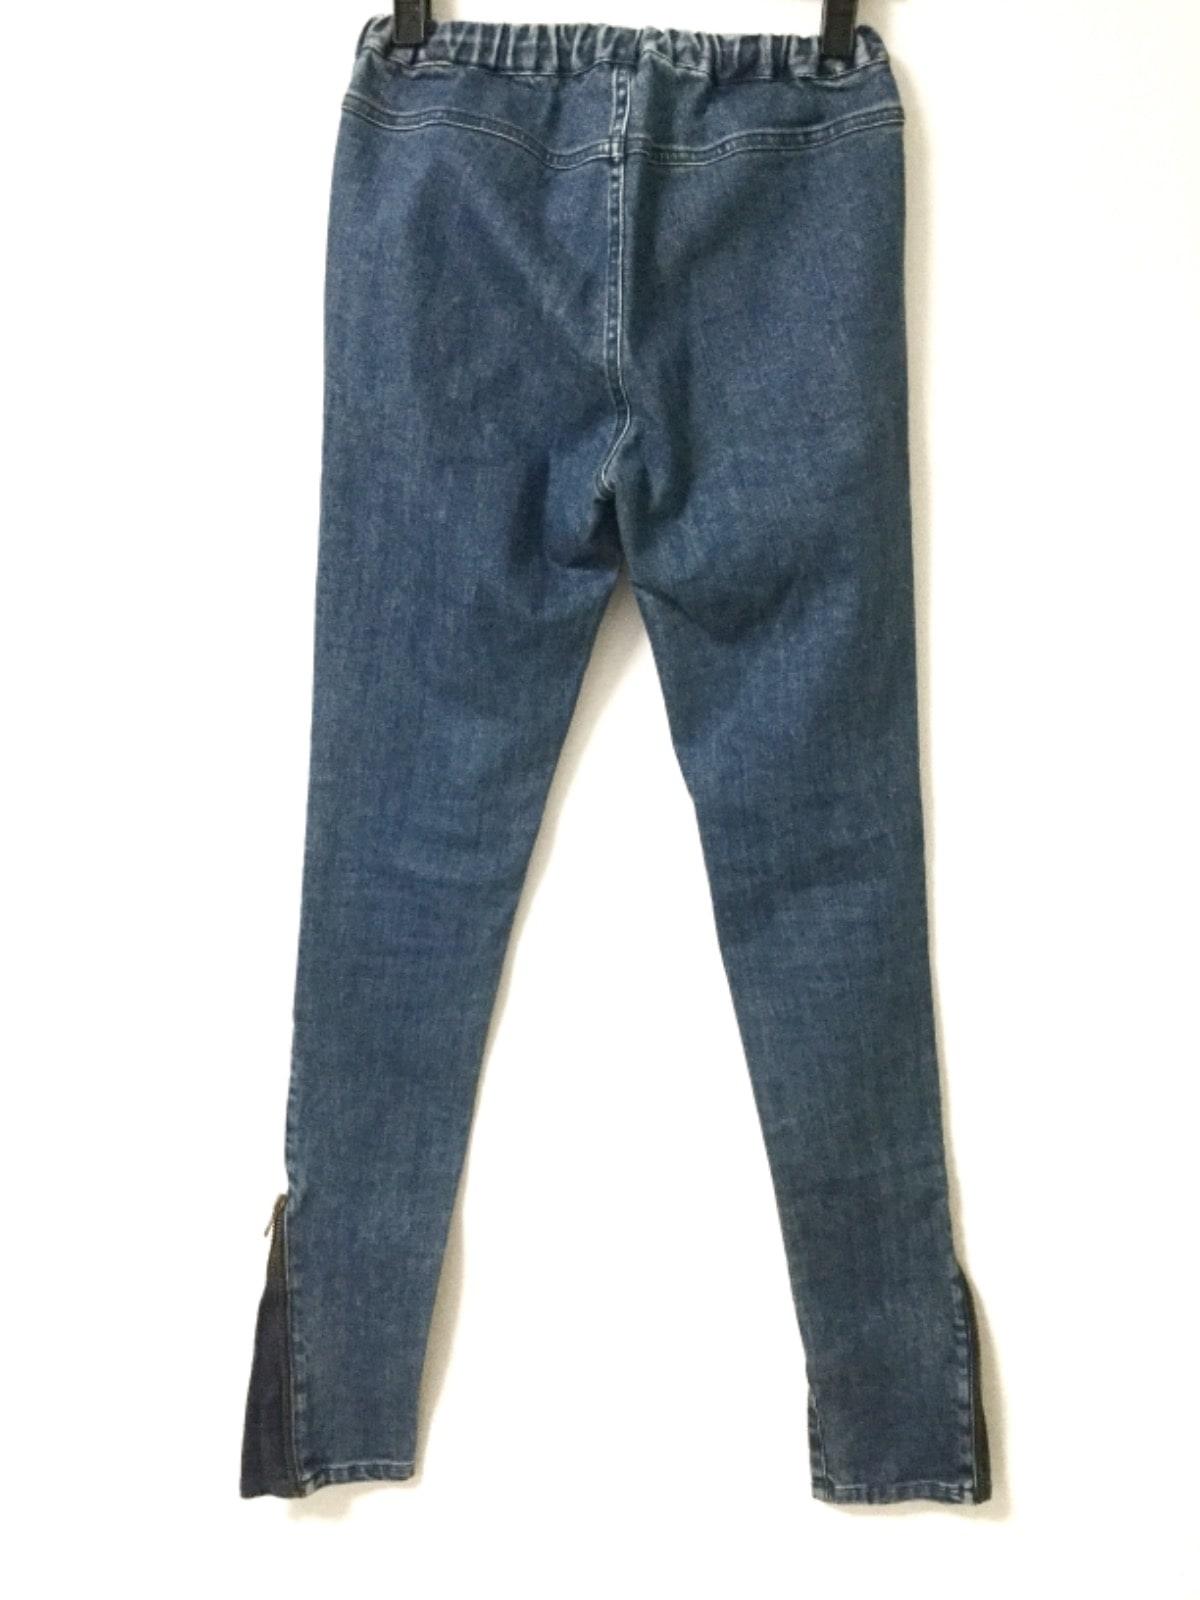 fev(フェブ)のジーンズ